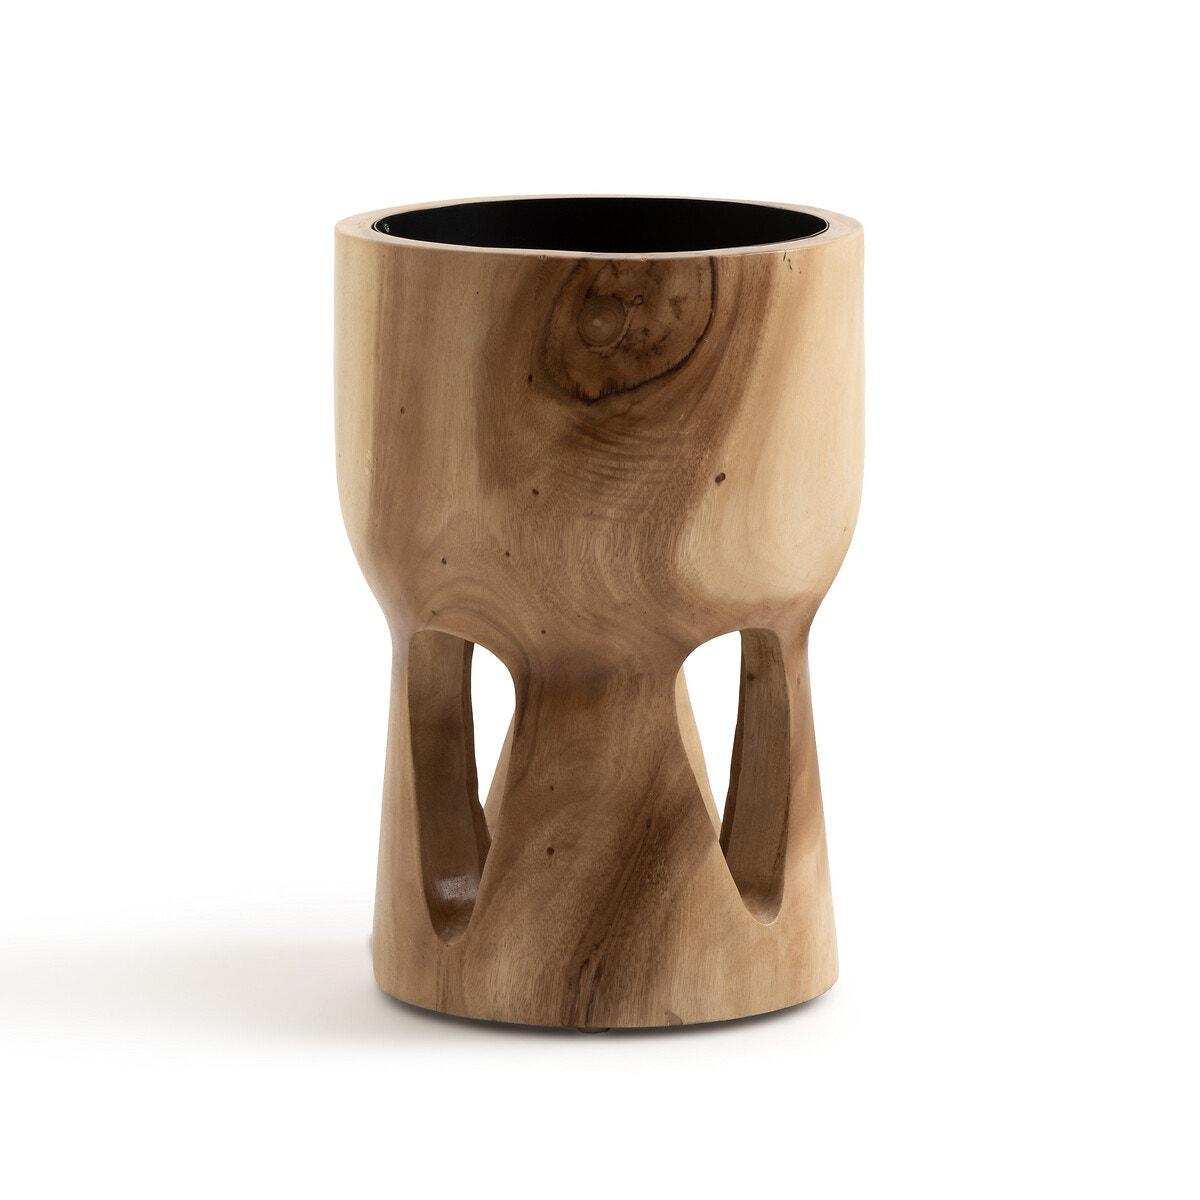 Κασπό από ξύλο suar, Papung